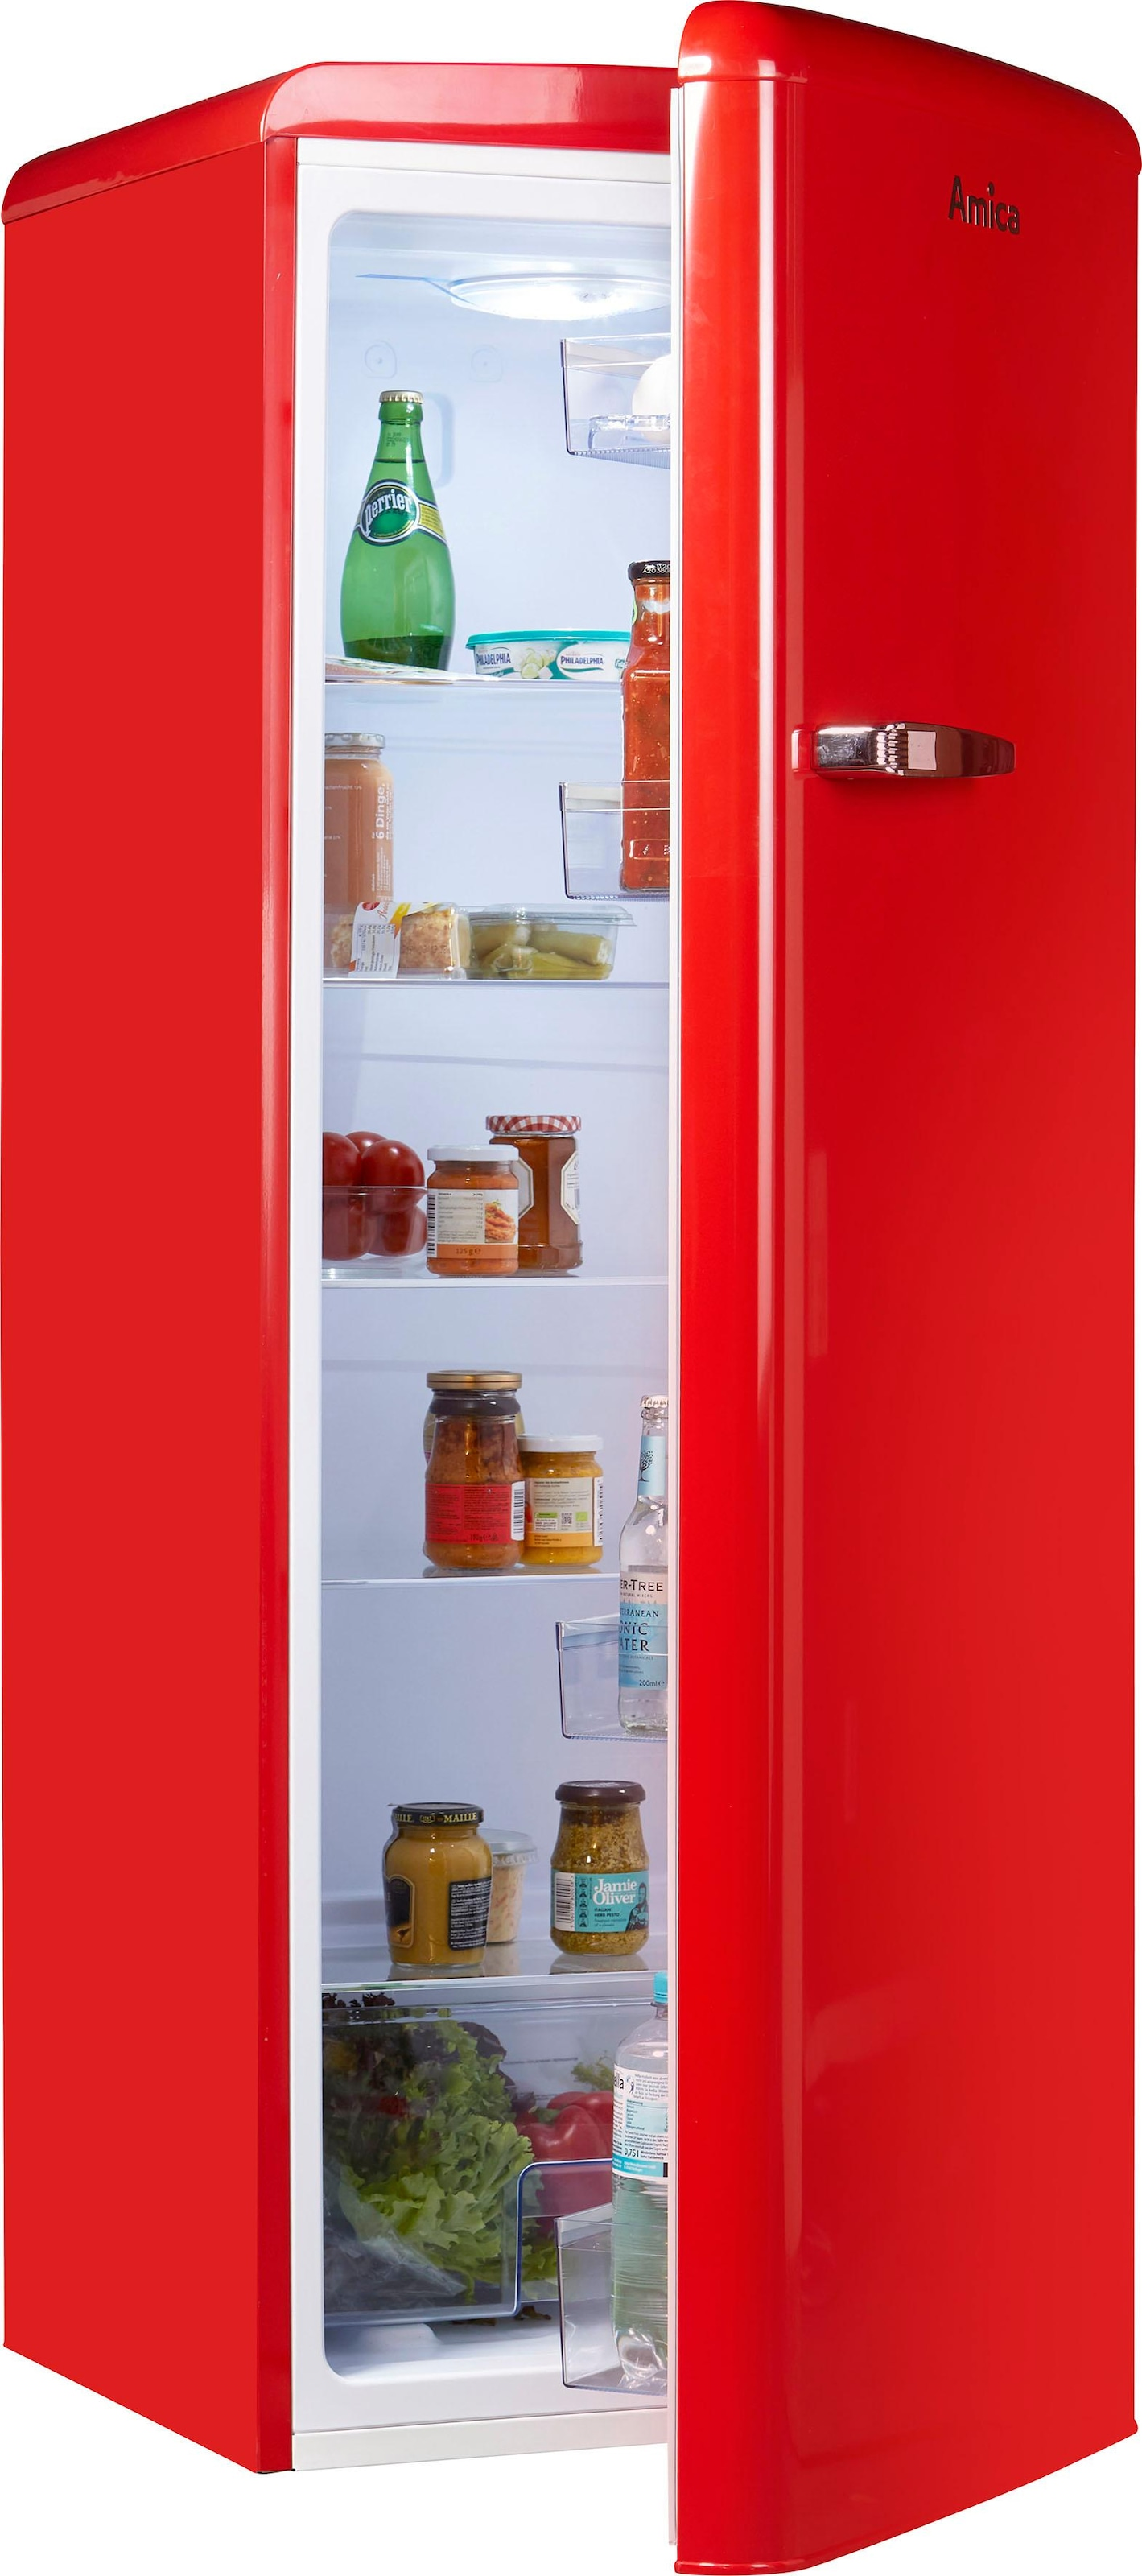 Amica Kühlschrank Mit Gefrierfach : Kühlschränke ohne gefrierfach bei baur auf raten kaufen